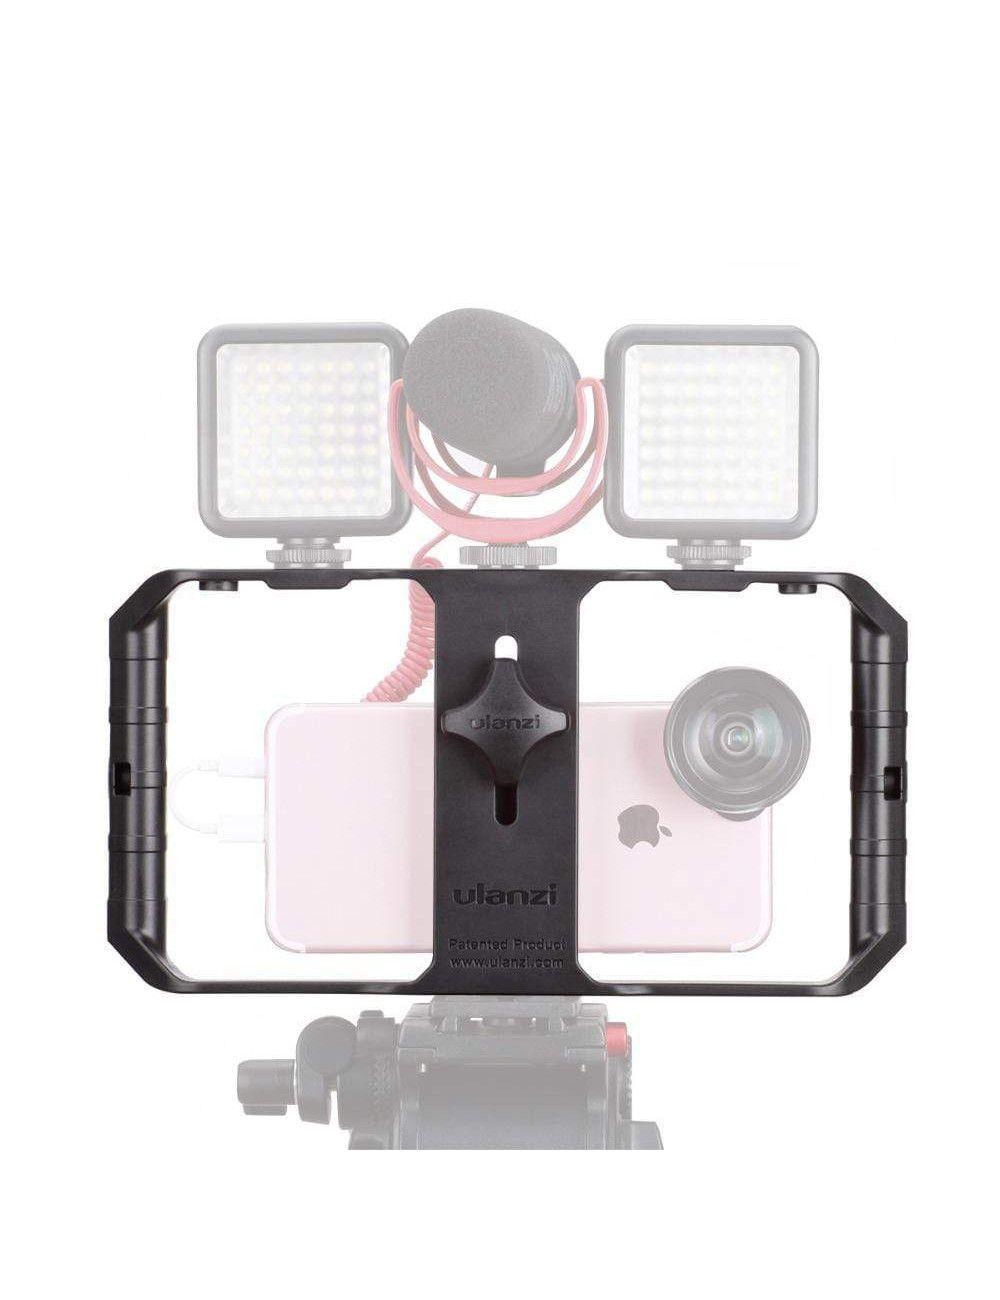 11 Pro 8 X para YouTube tubo de extensi/ón y micr/ófono de video Compatible con iPhone 11 7 y Android Equipo de video para tel/éfono inteligente BOYA BY-VG330 con mini tr/ípode Facebook Vlogging